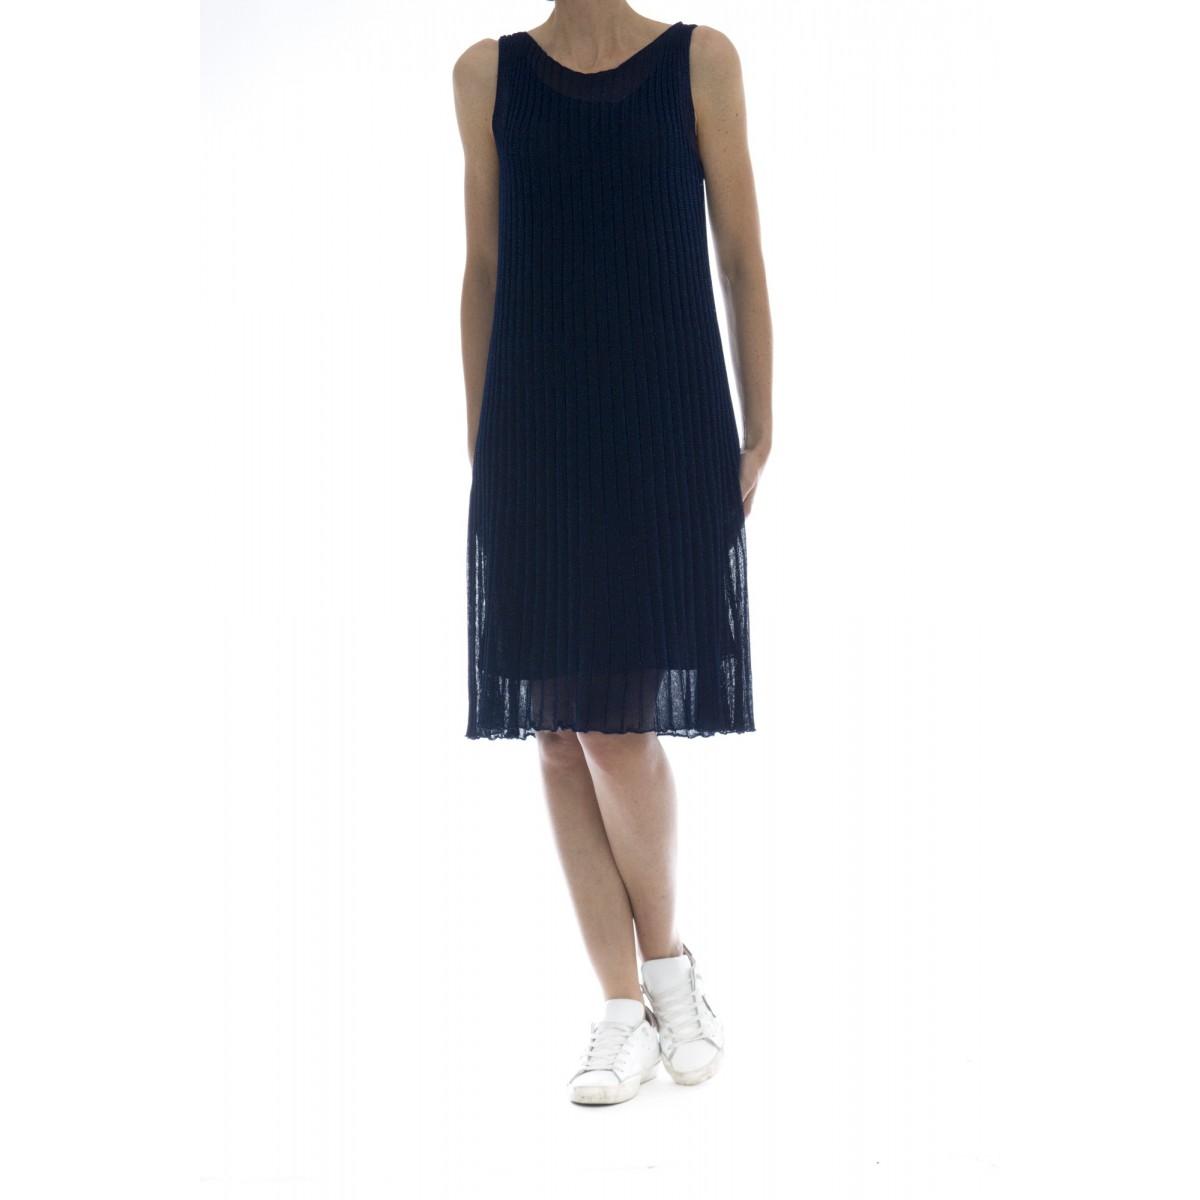 Vestito lungo donna - 3550/12 vestito lurex